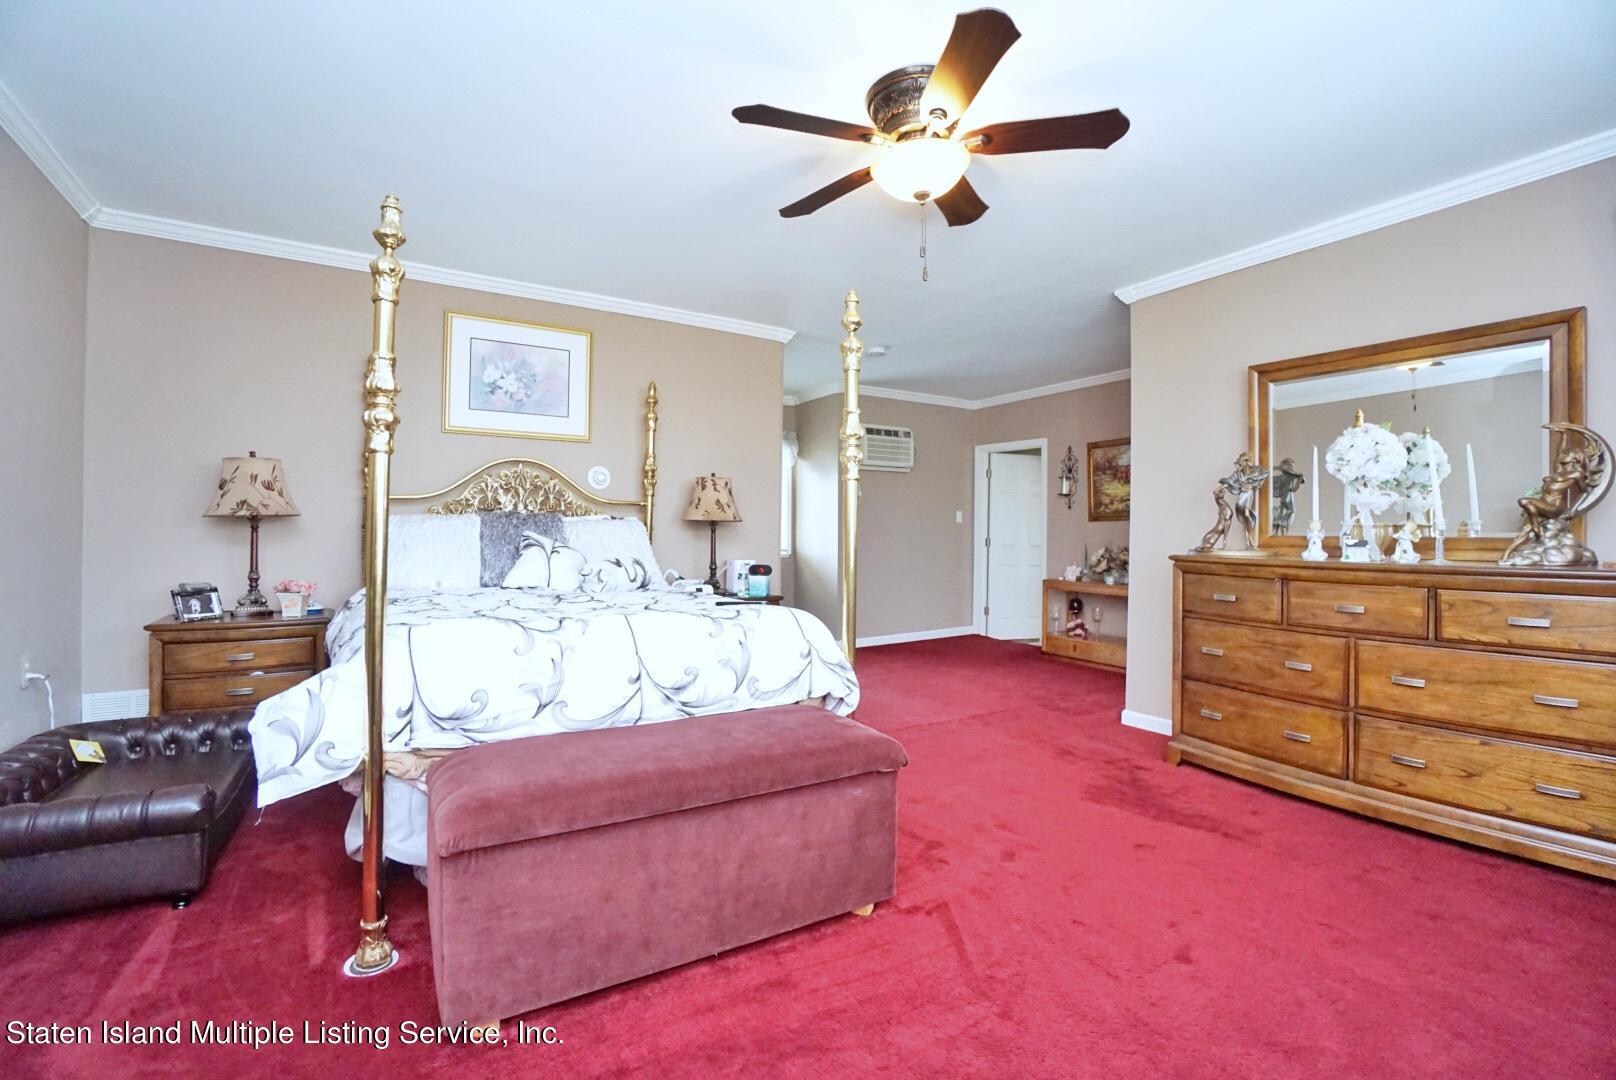 Single Family - Detached 226 Roma Avenue  Staten Island, NY 10306, MLS-1148579-38